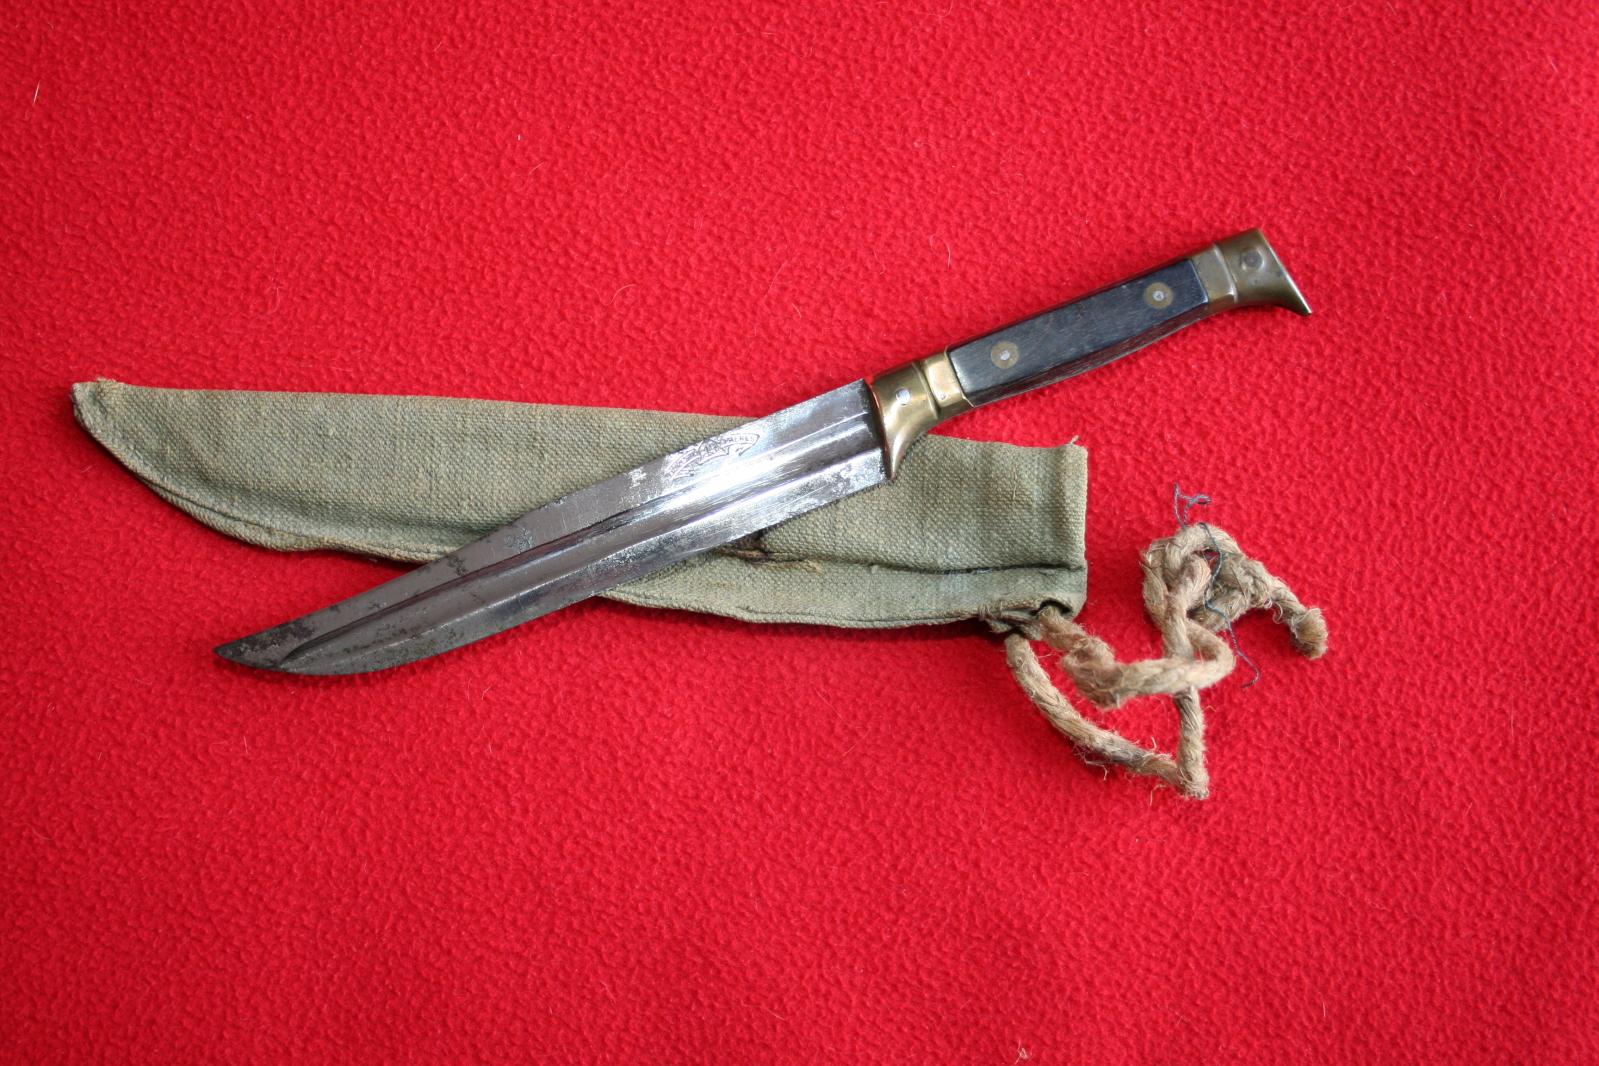 collection de lames de fabnatcyr (dague poignard couteau) - Page 5 2znzk1c